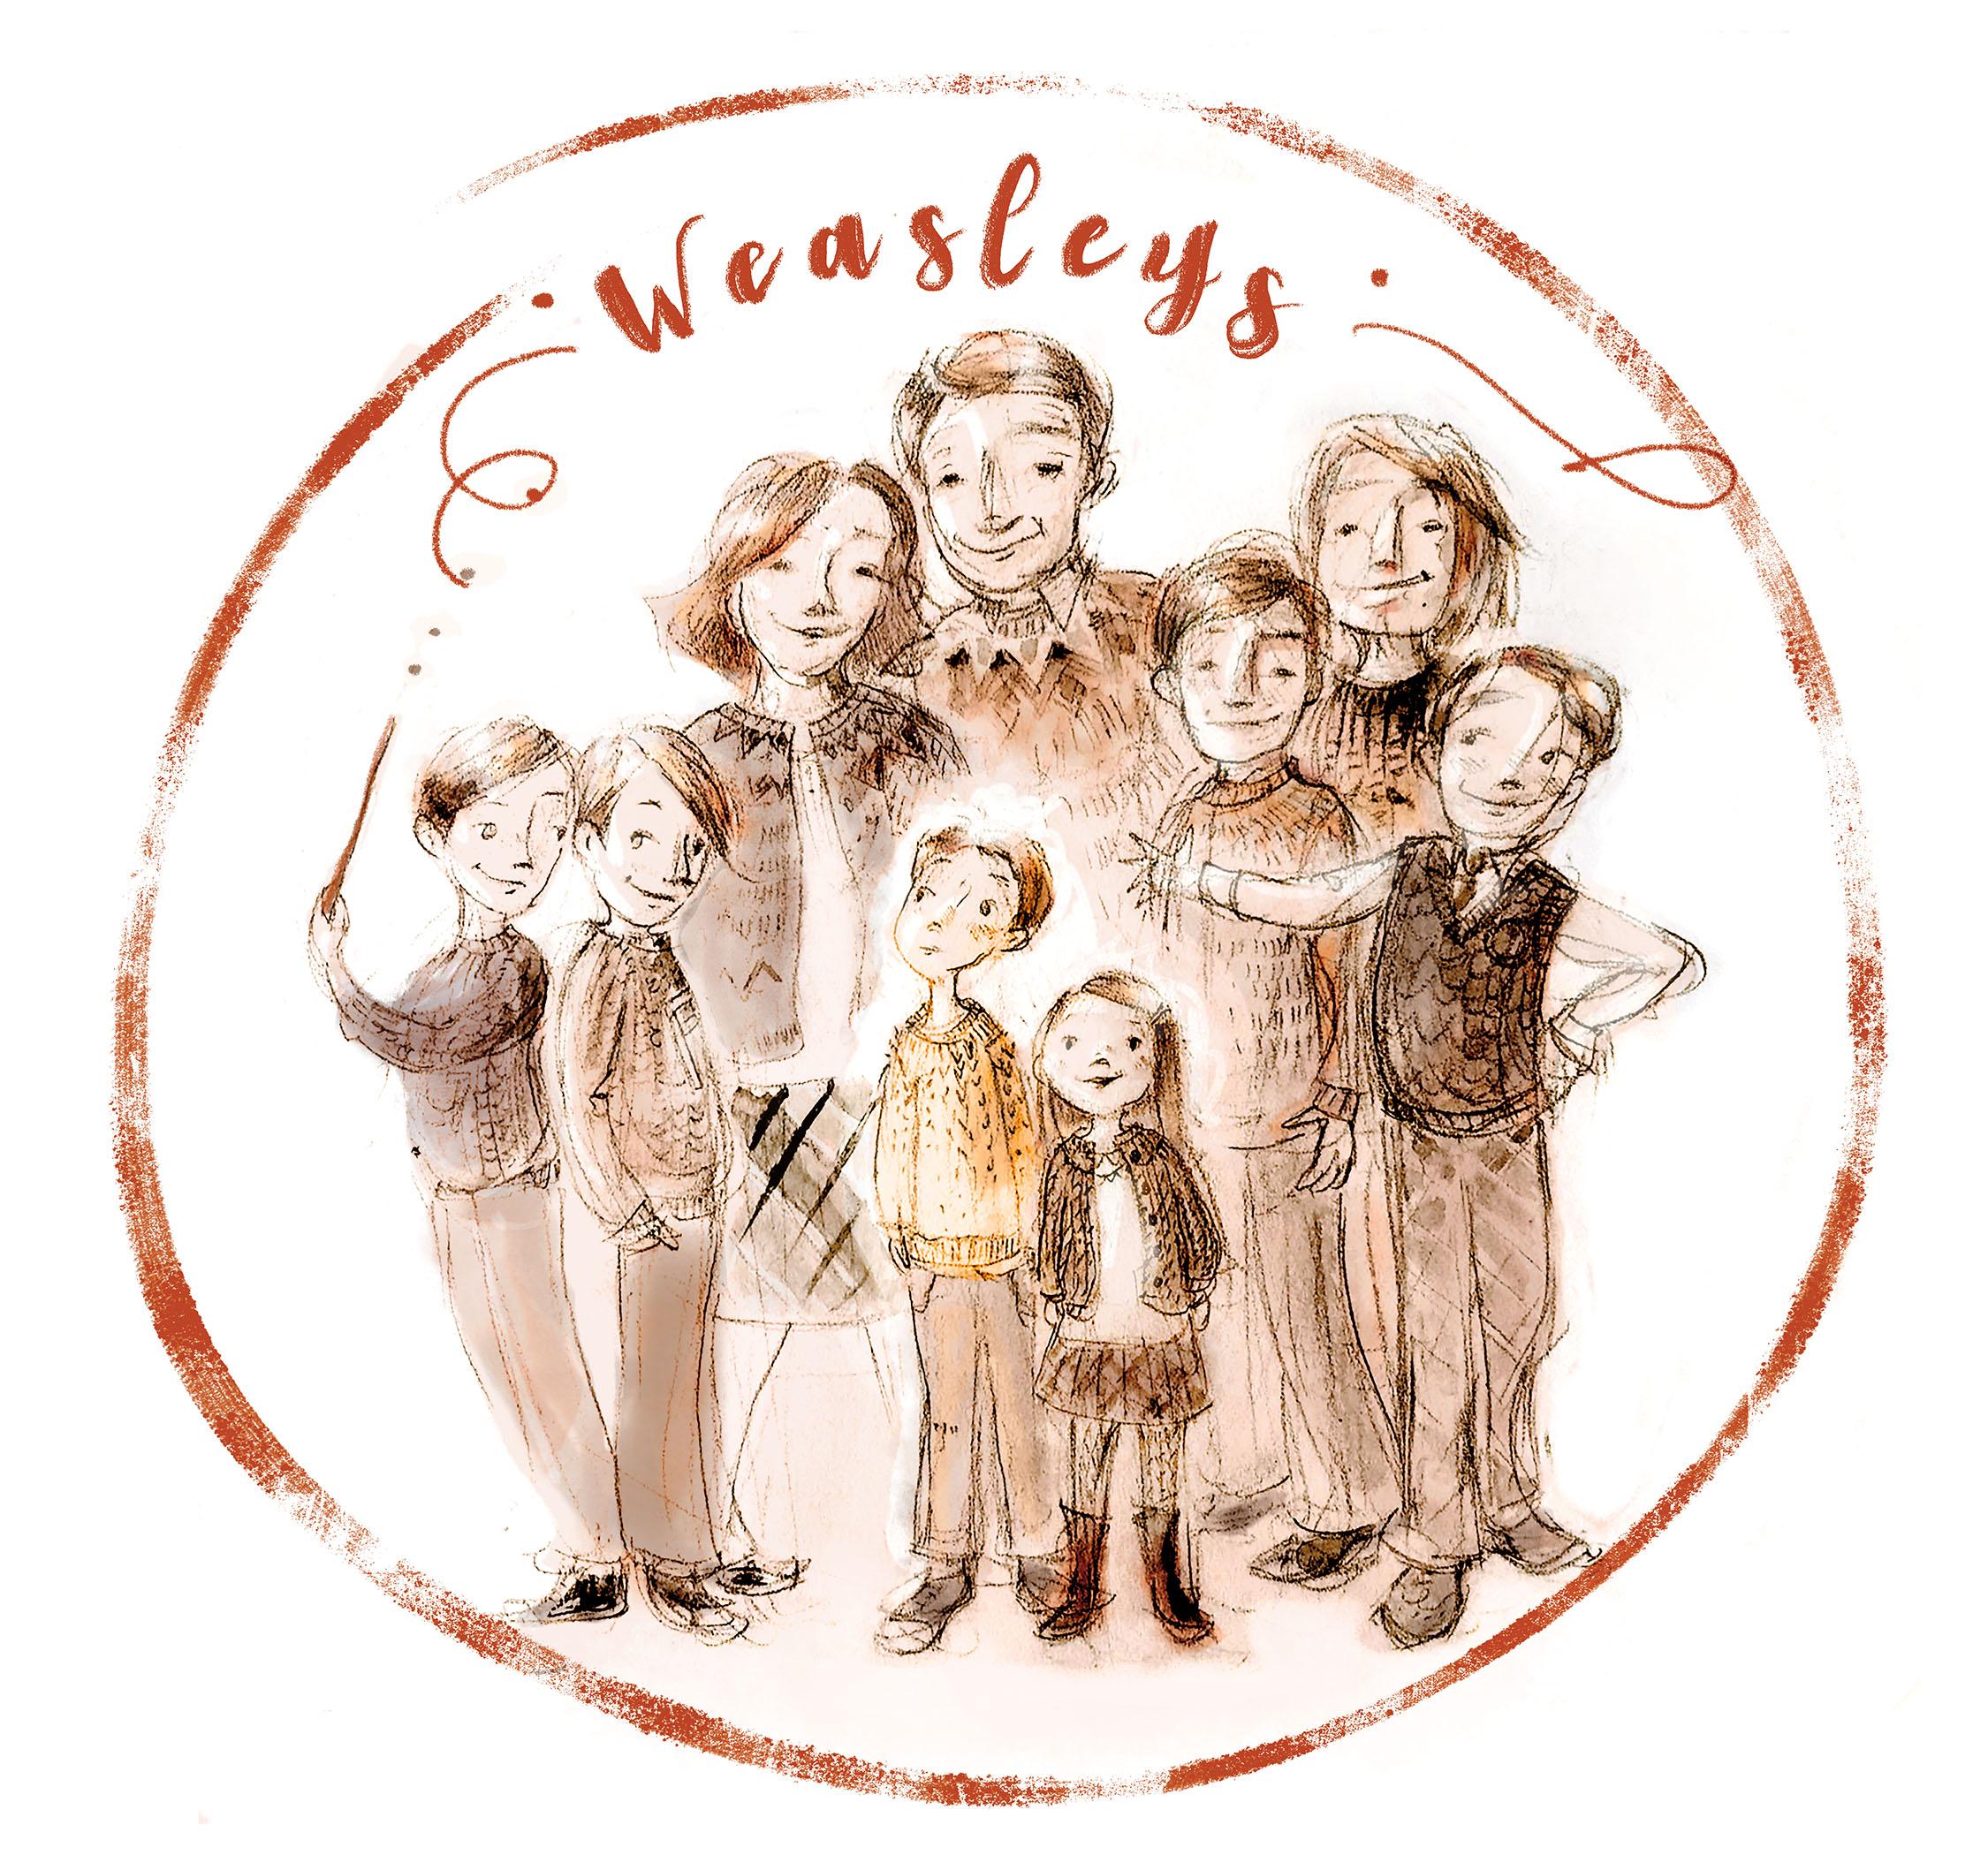 weasleysflatweb.jpg